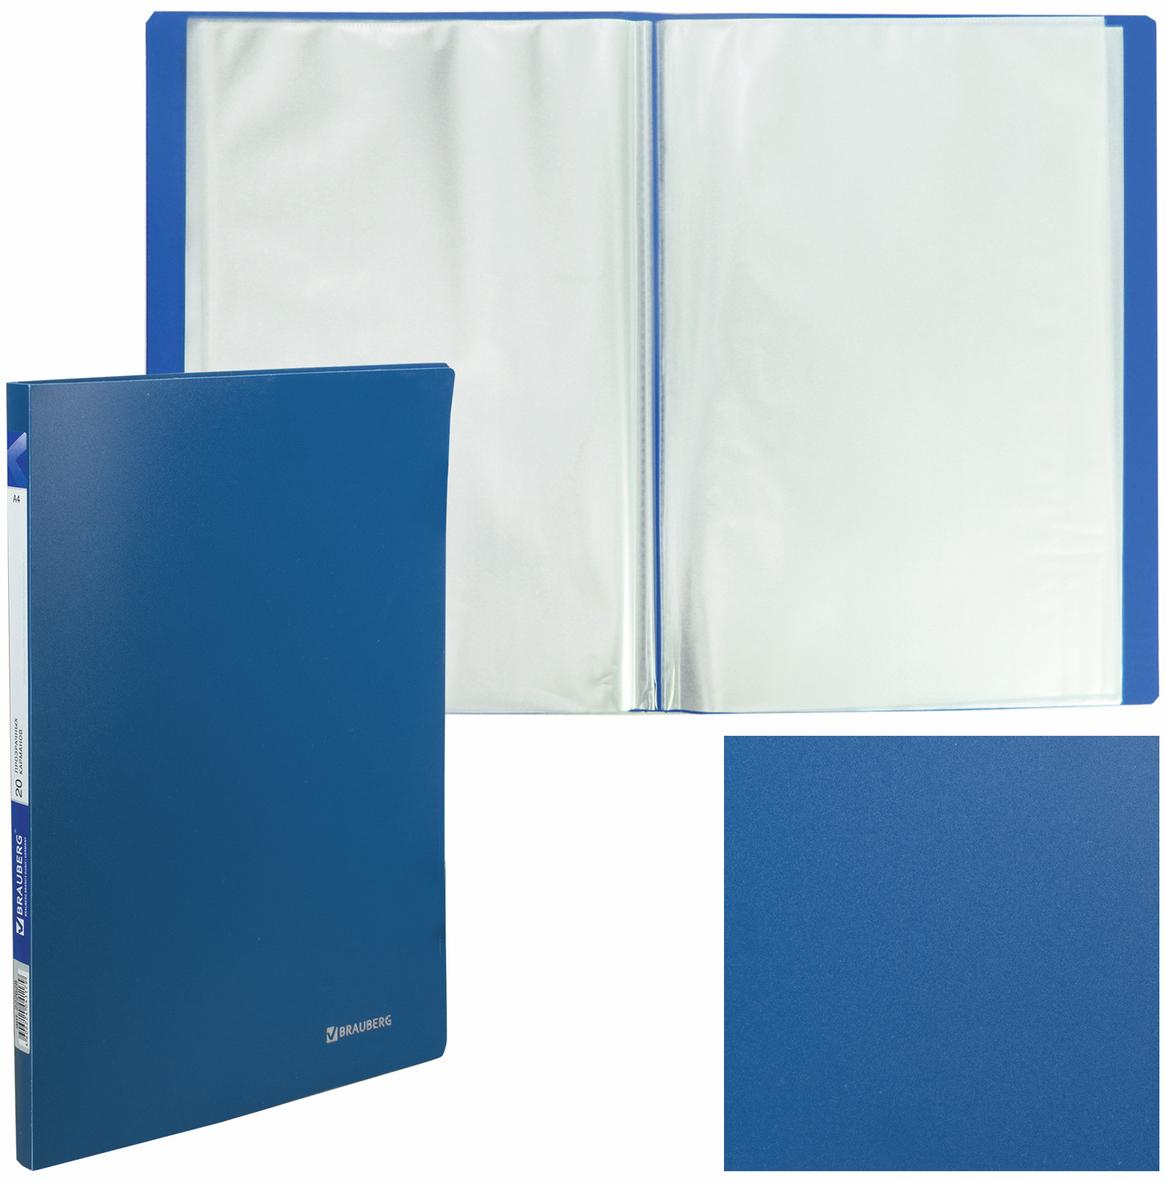 Brauberg Папка Office цвет синий 222628222628Папка удобна для хранения документов, составления каталогов, меню и т.п. На корешок наклеена этикетка для маркировки содержимого. Современный, привлекательный дизайн, отличное качество, доступная цена.